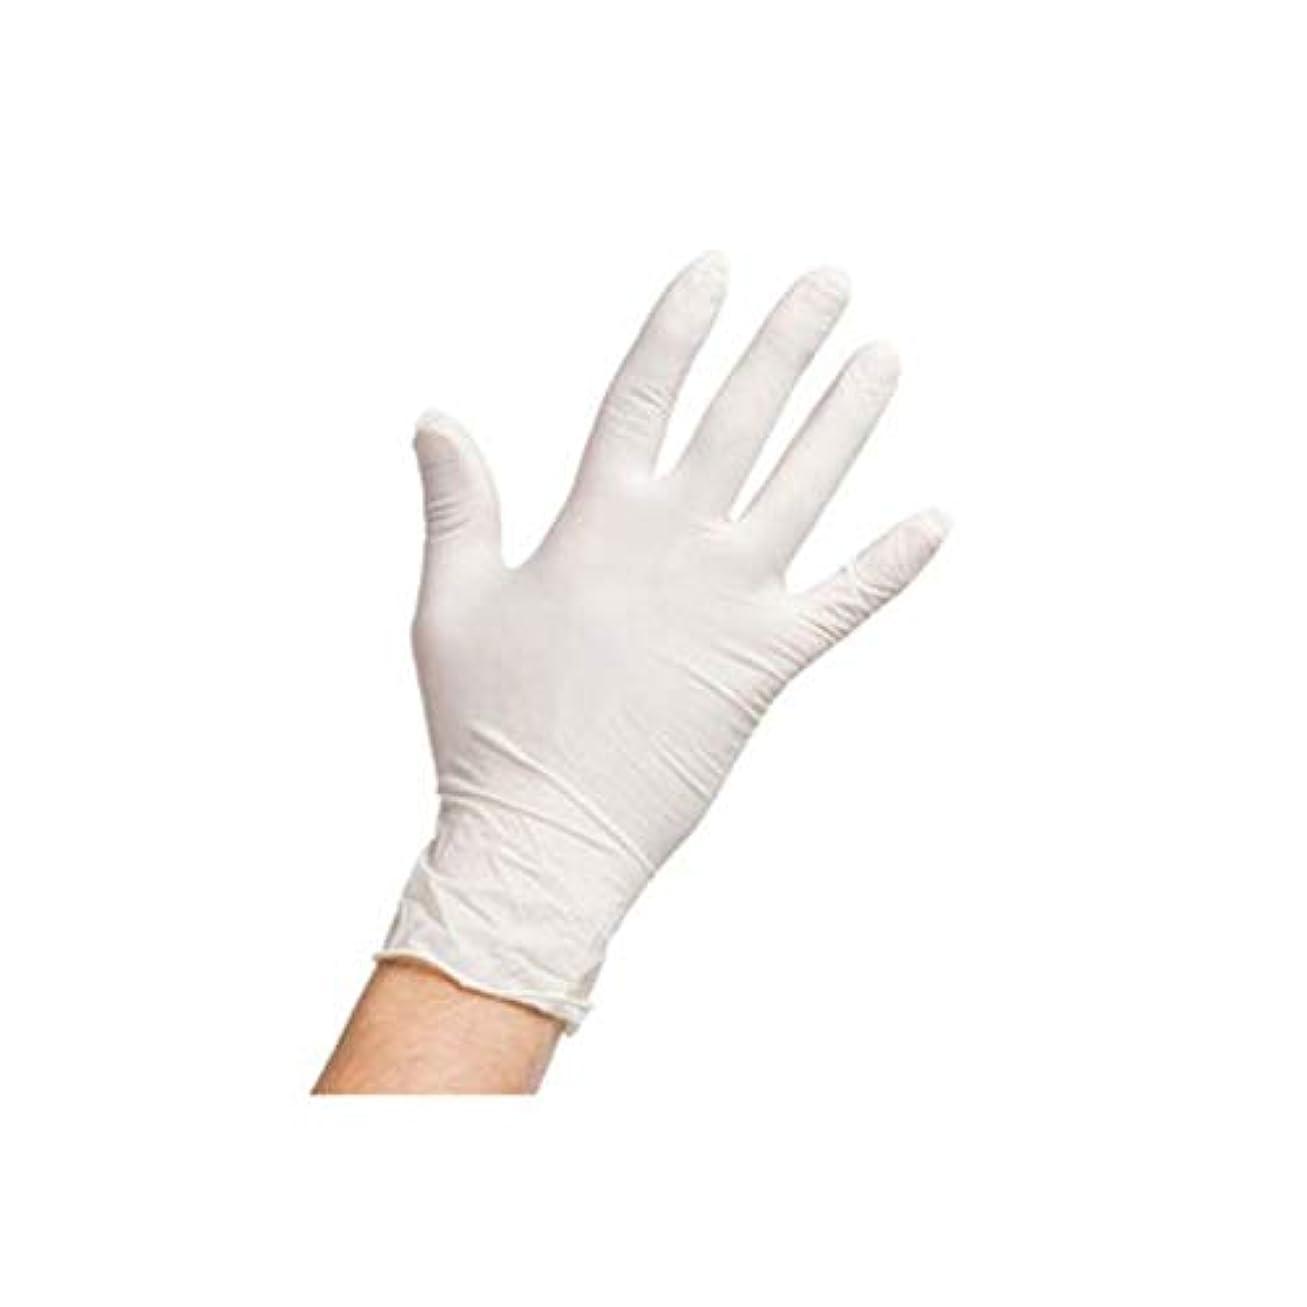 スローガン鷹パプアニューギニア(A1ラテックス) 最高品質のLatex手袋 ニトリル手袋 パウダーフリー 無粉末 200枚(6g Latex、4g Nitrile)【海外配送商品】【並行輸入品】 (S)